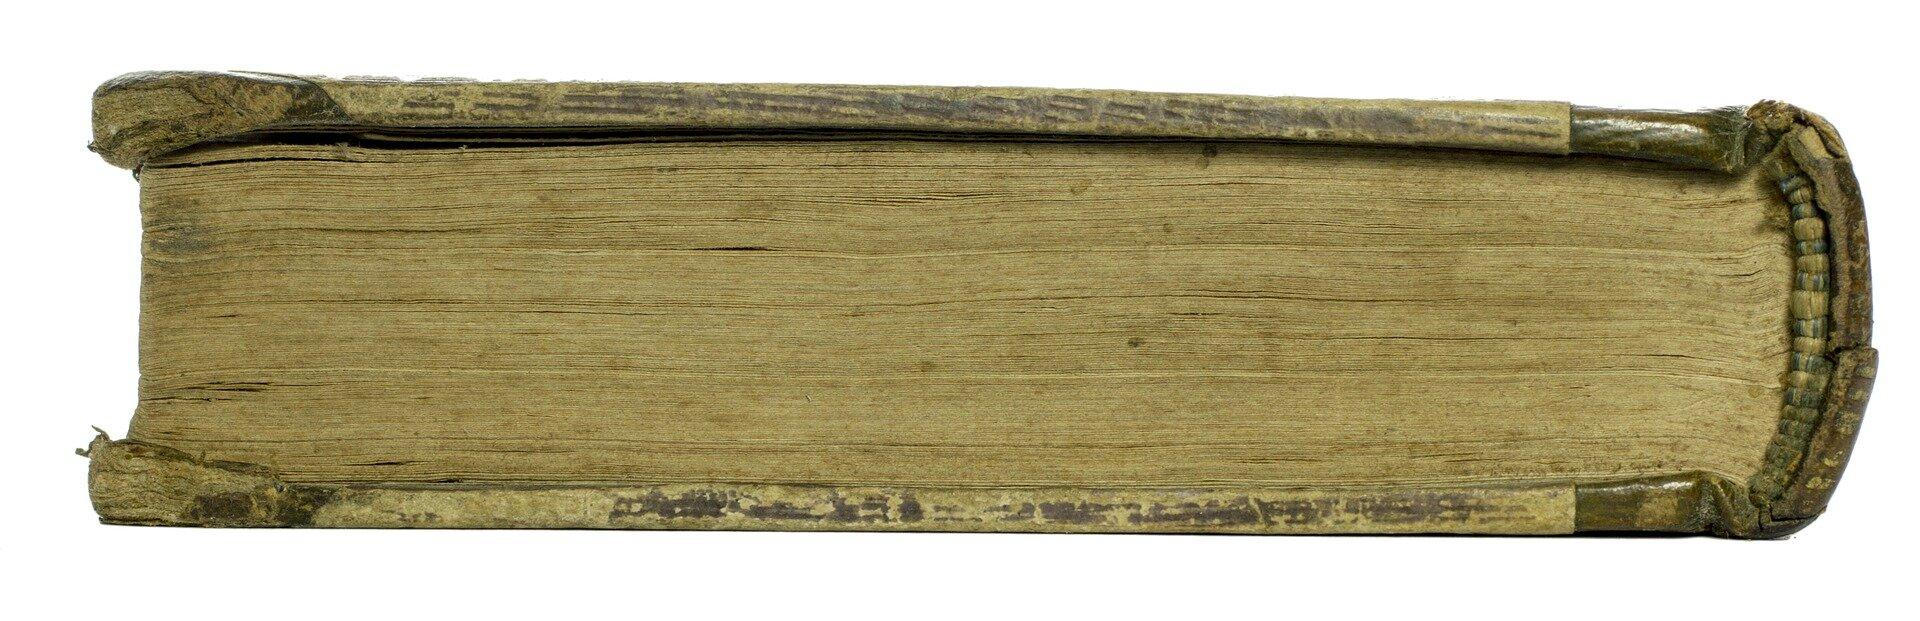 Książka Źródło: www.pixabay.com, fotografia barwna, domena publiczna.